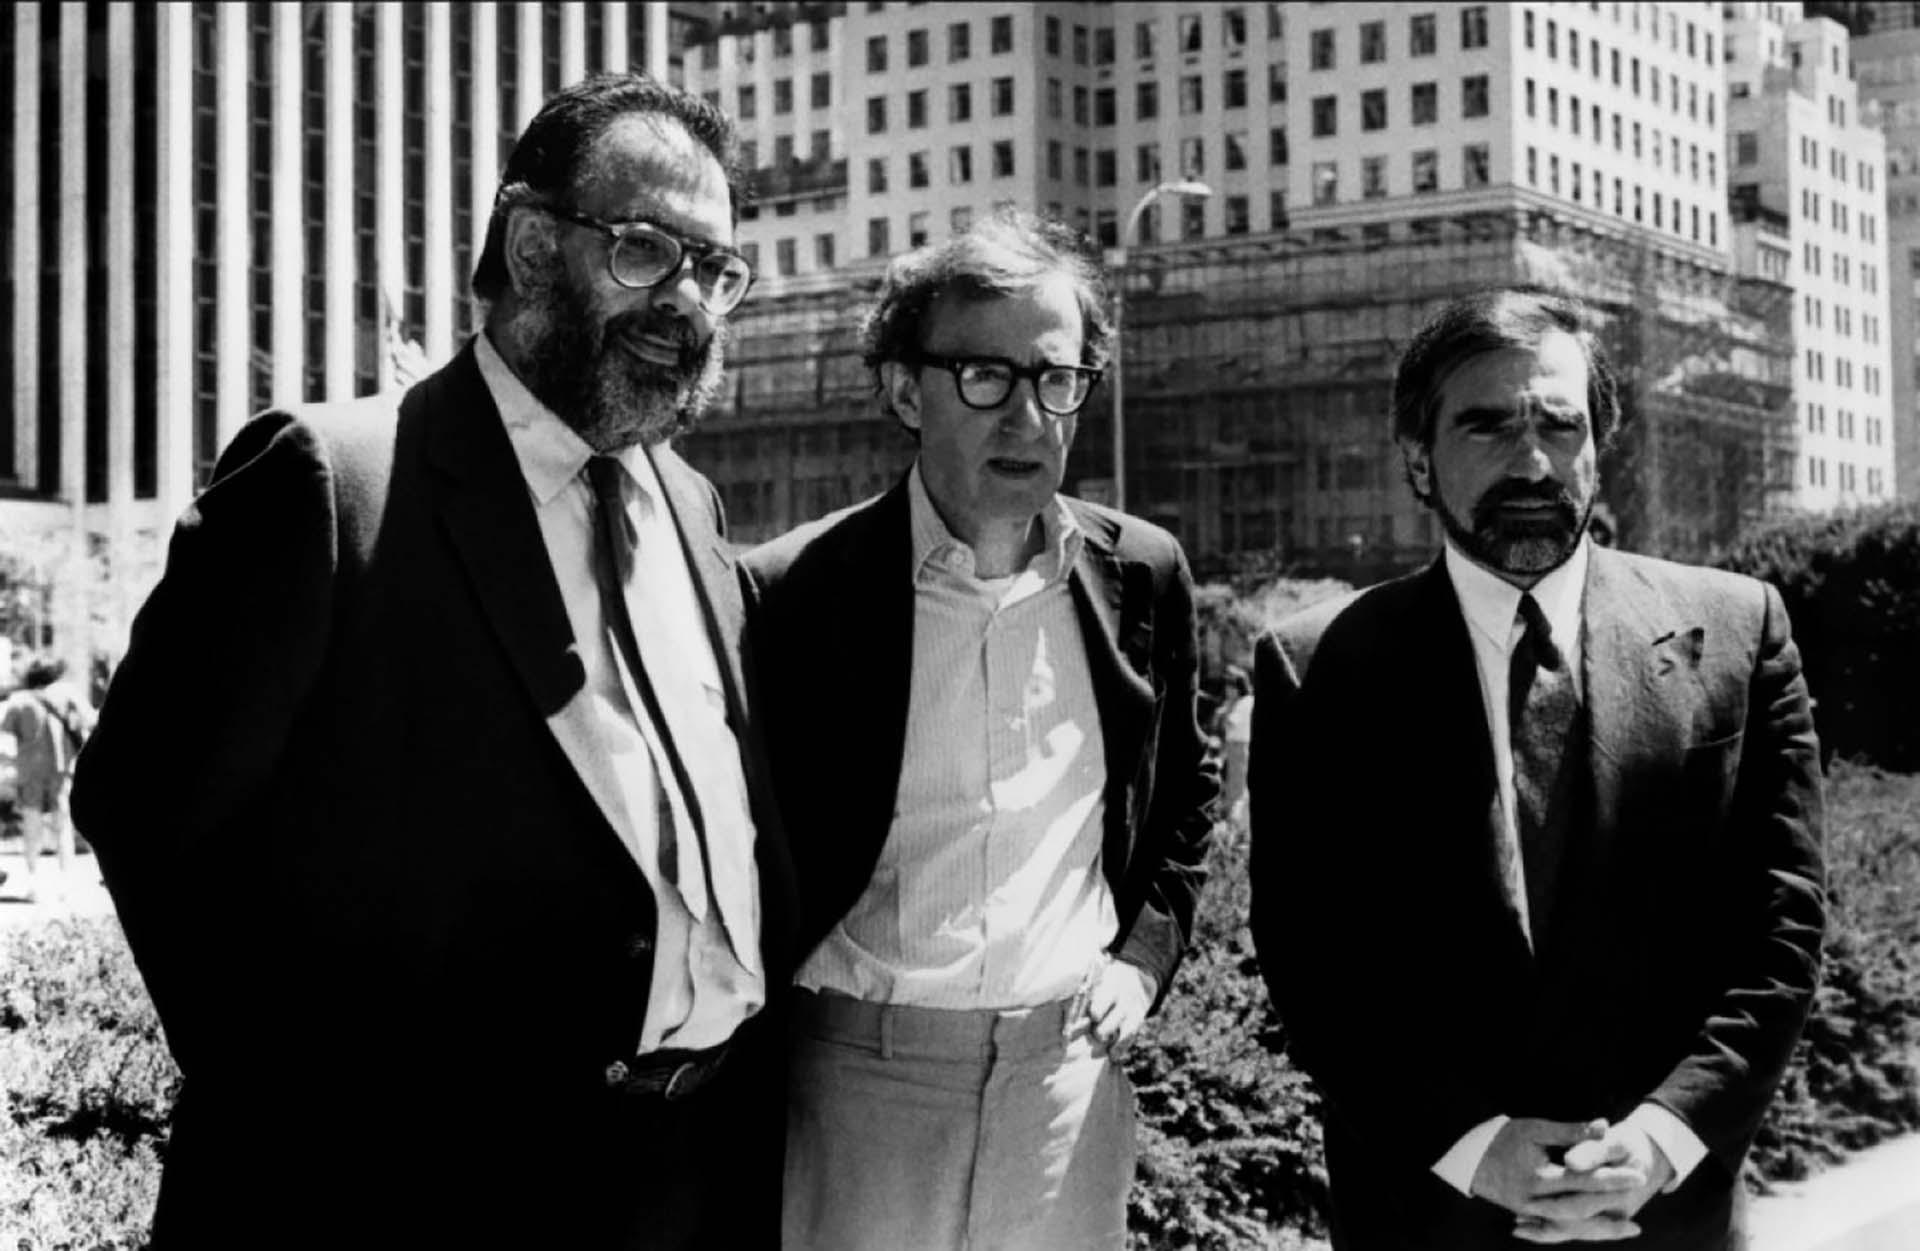 Martin Scorsese, Francis Ford Coppola, y Wo, COPPOLA Y WOODY ALLEN JUNTOS EN HISTORIAS DE NUEVA YORK